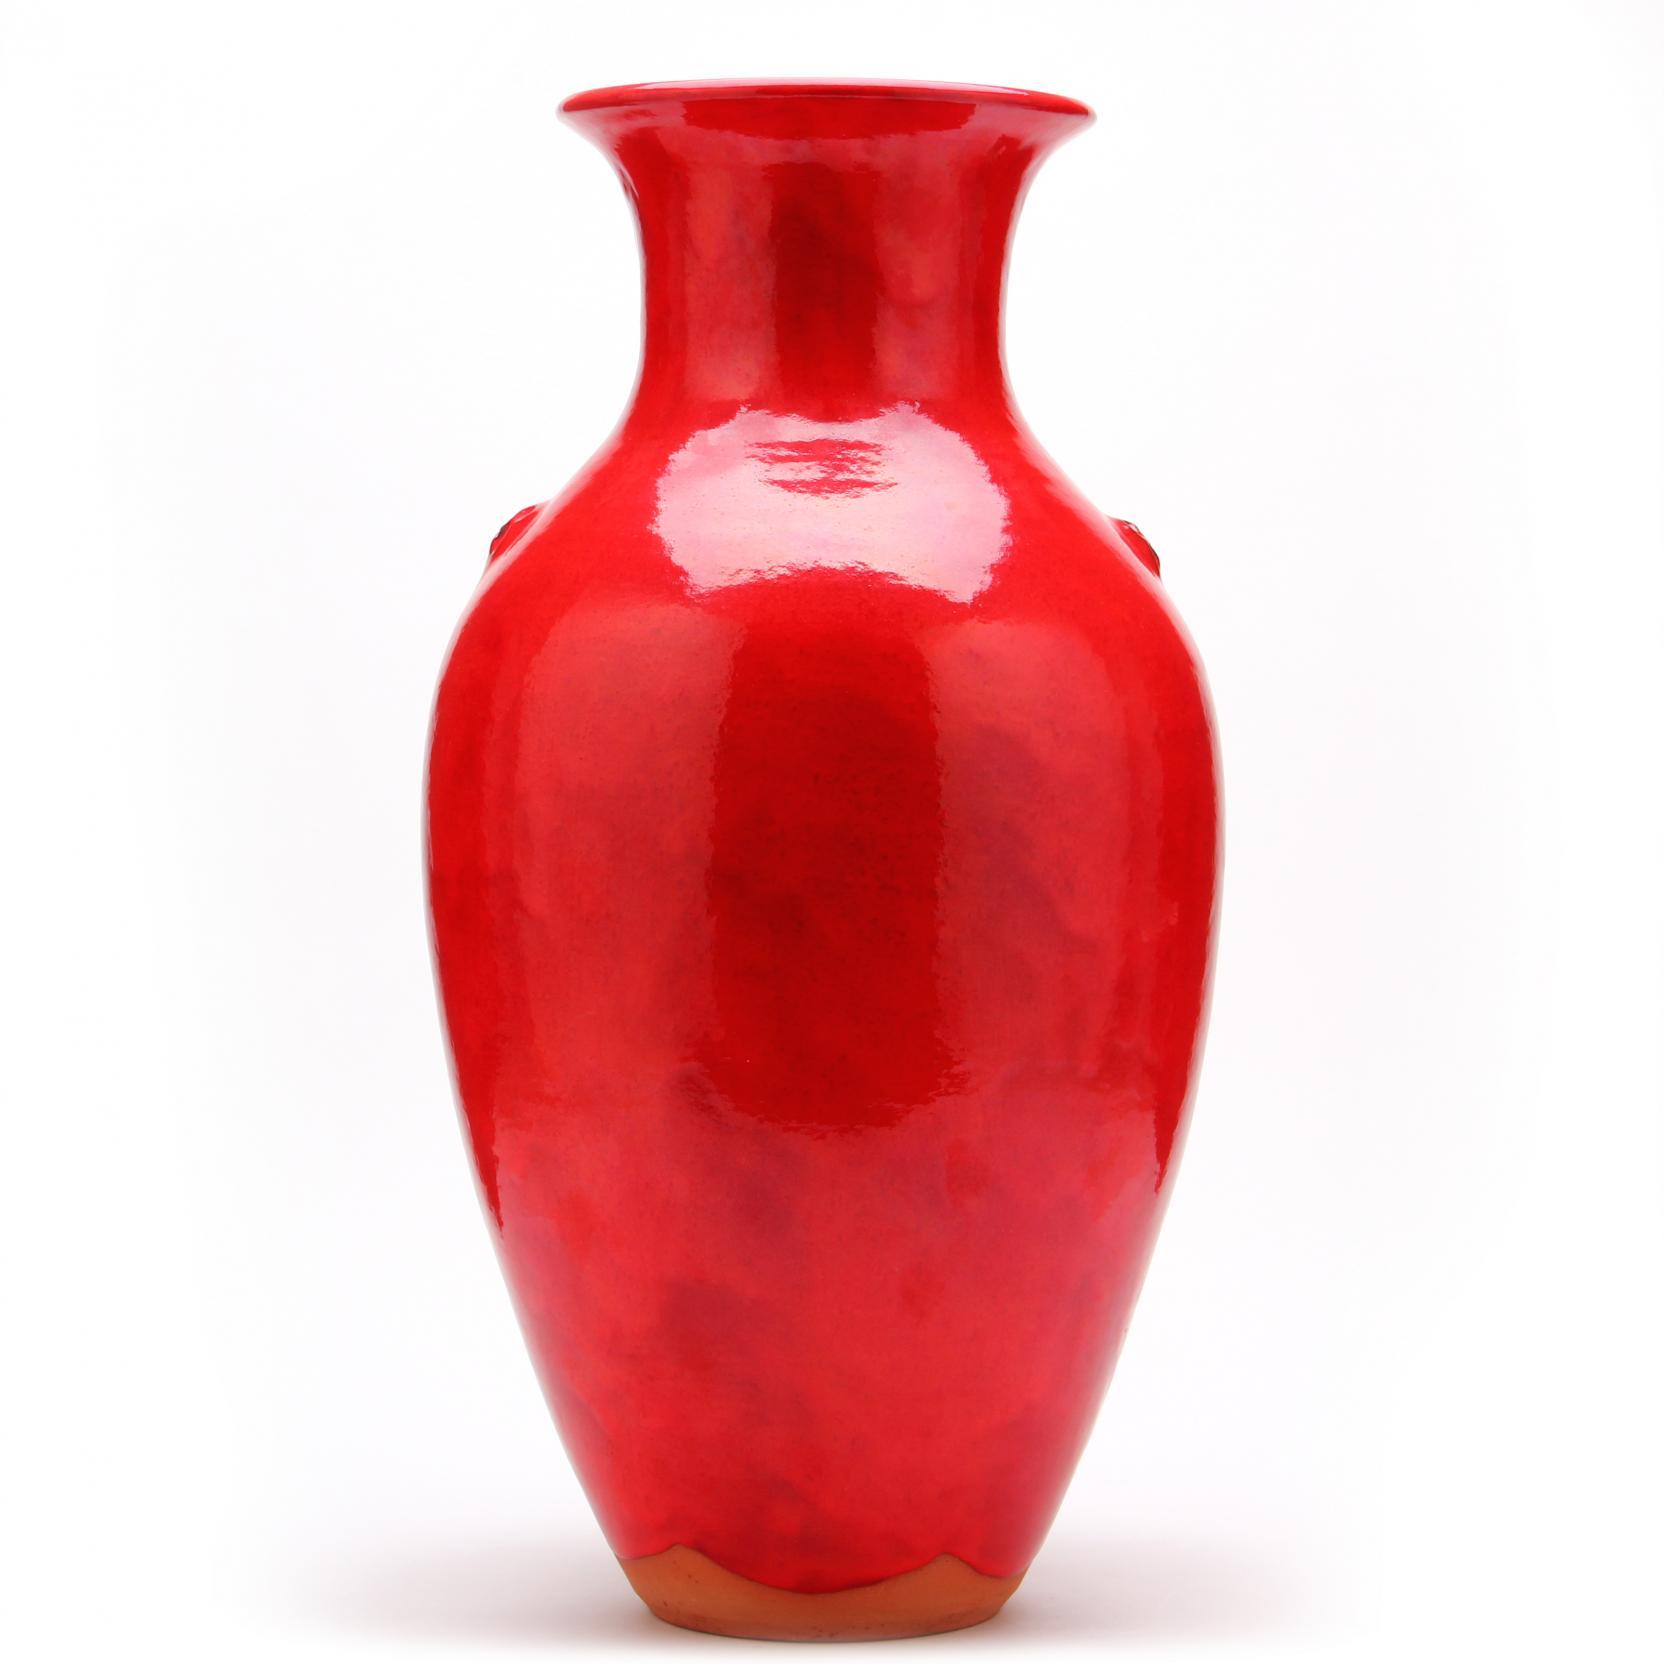 ben-owen-iii-floor-vase